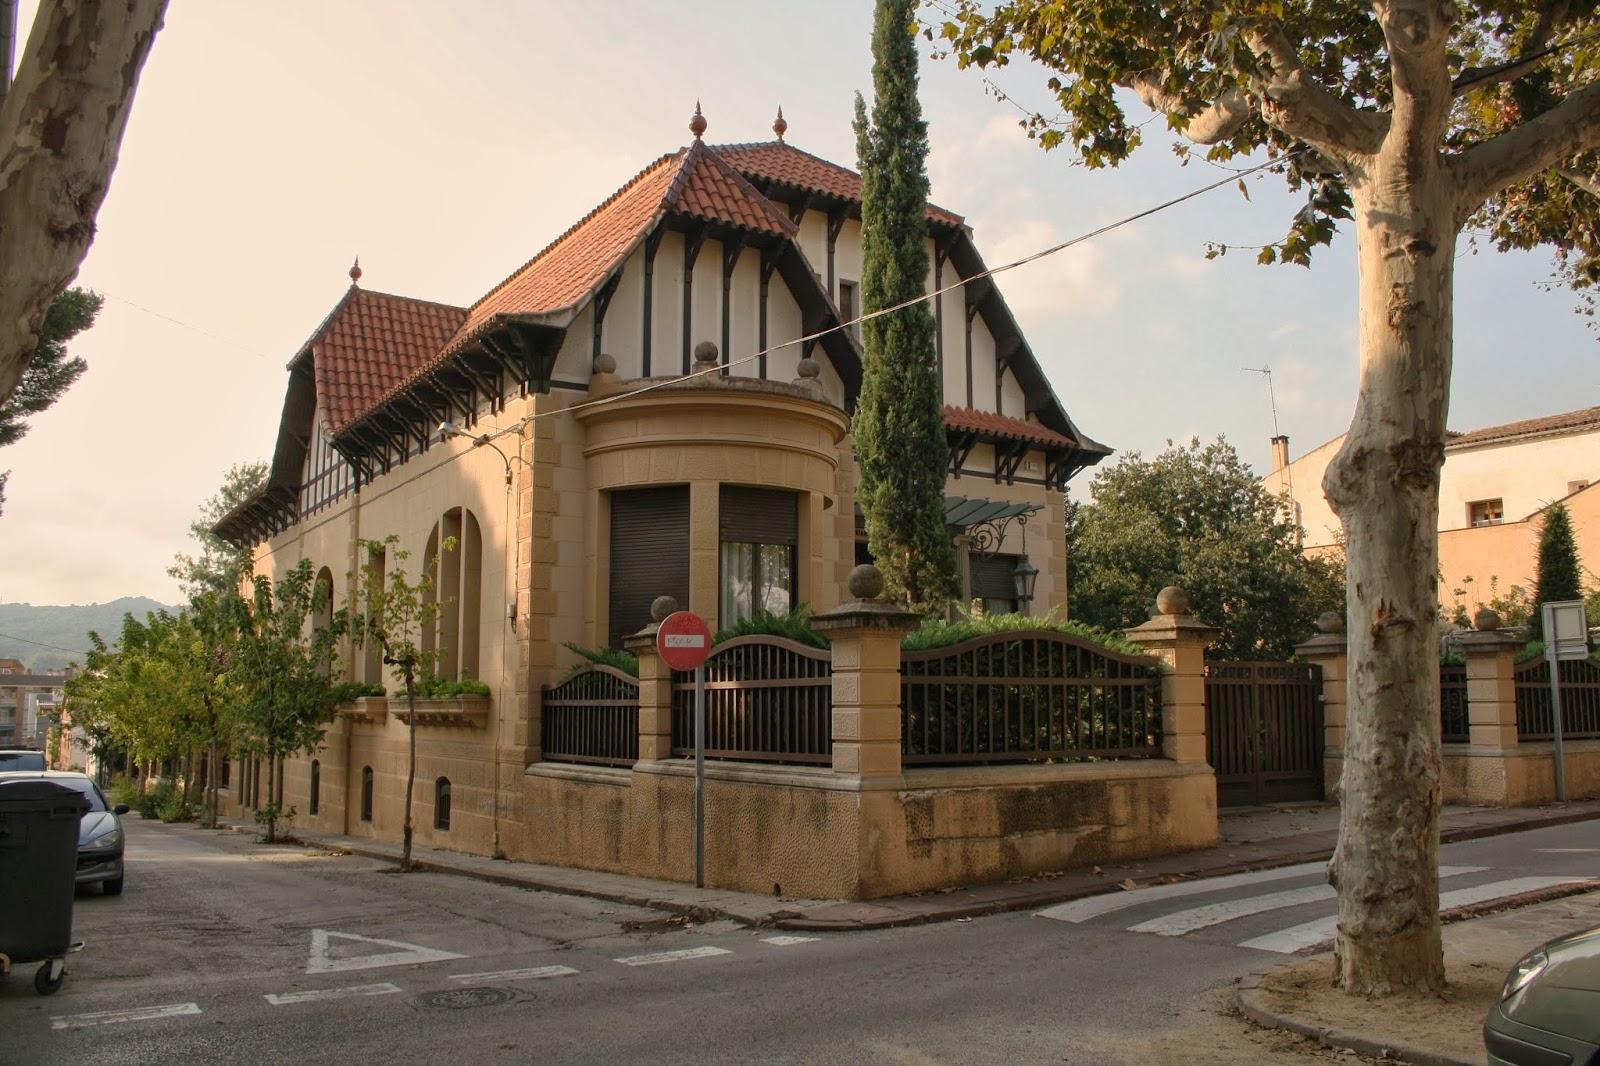 Con ixer catalunya villa trianon la garriga el vall s - Casas en valles occidental ...